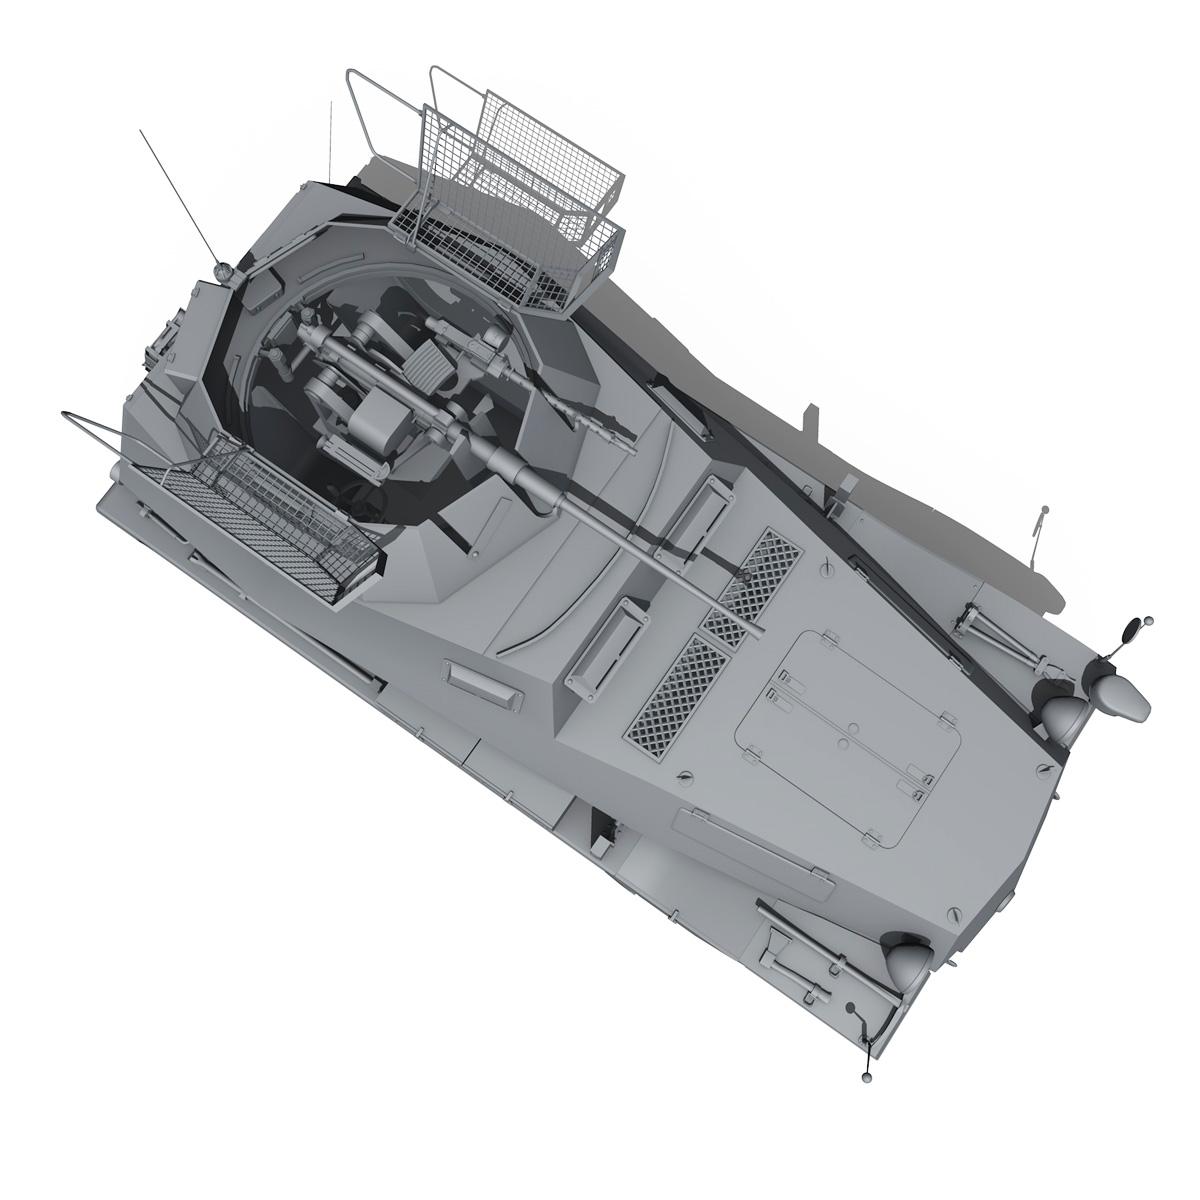 sd.kfz 250/9 – half-track reconnaissance vehicle 3d model 3ds fbx c4d lwo obj 202275